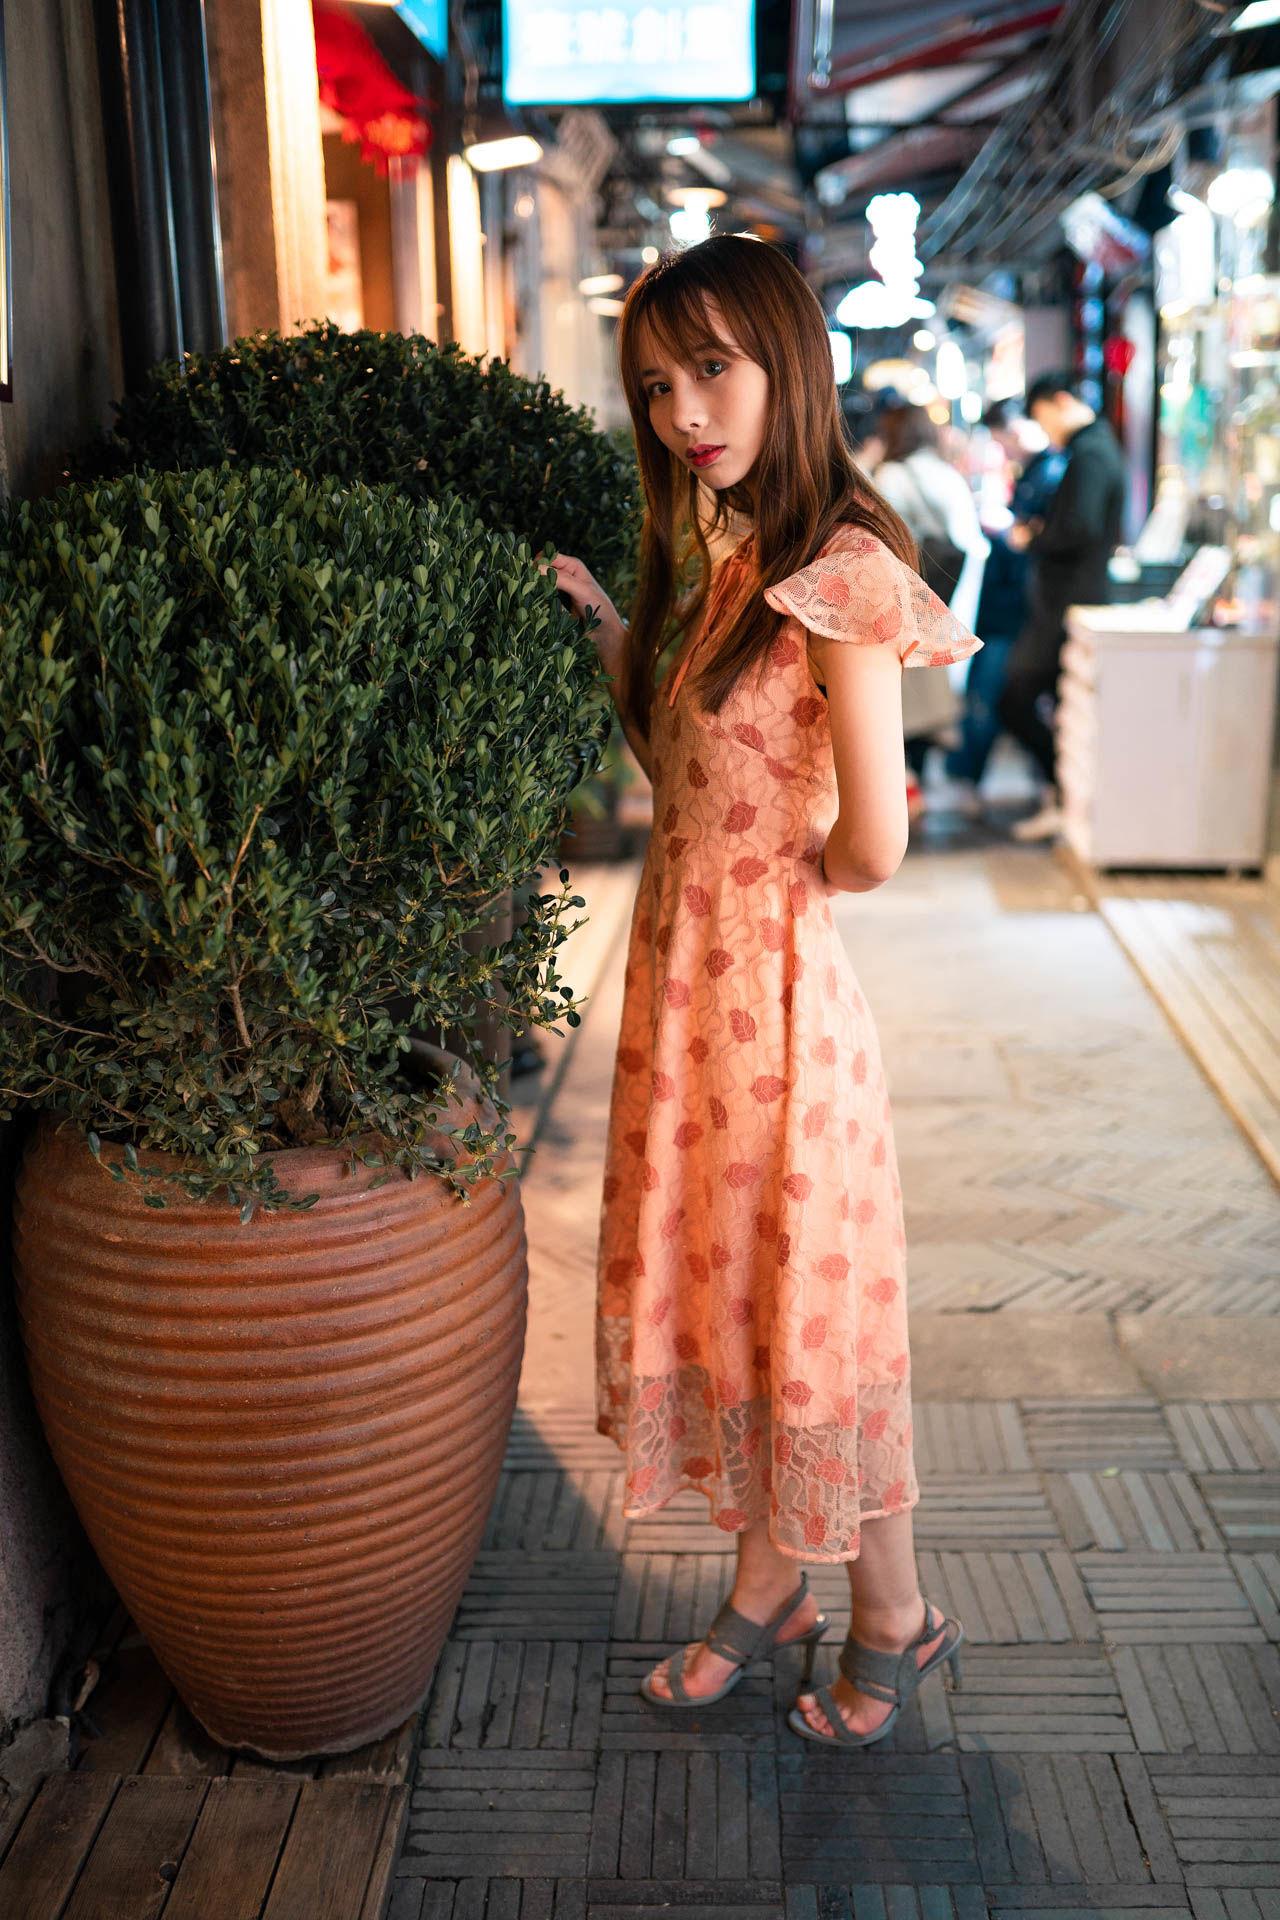 2019-02-28 田子坊街拍  拍改良旗袍 和 吊带配短裤_摄影师晦恩 模特西同